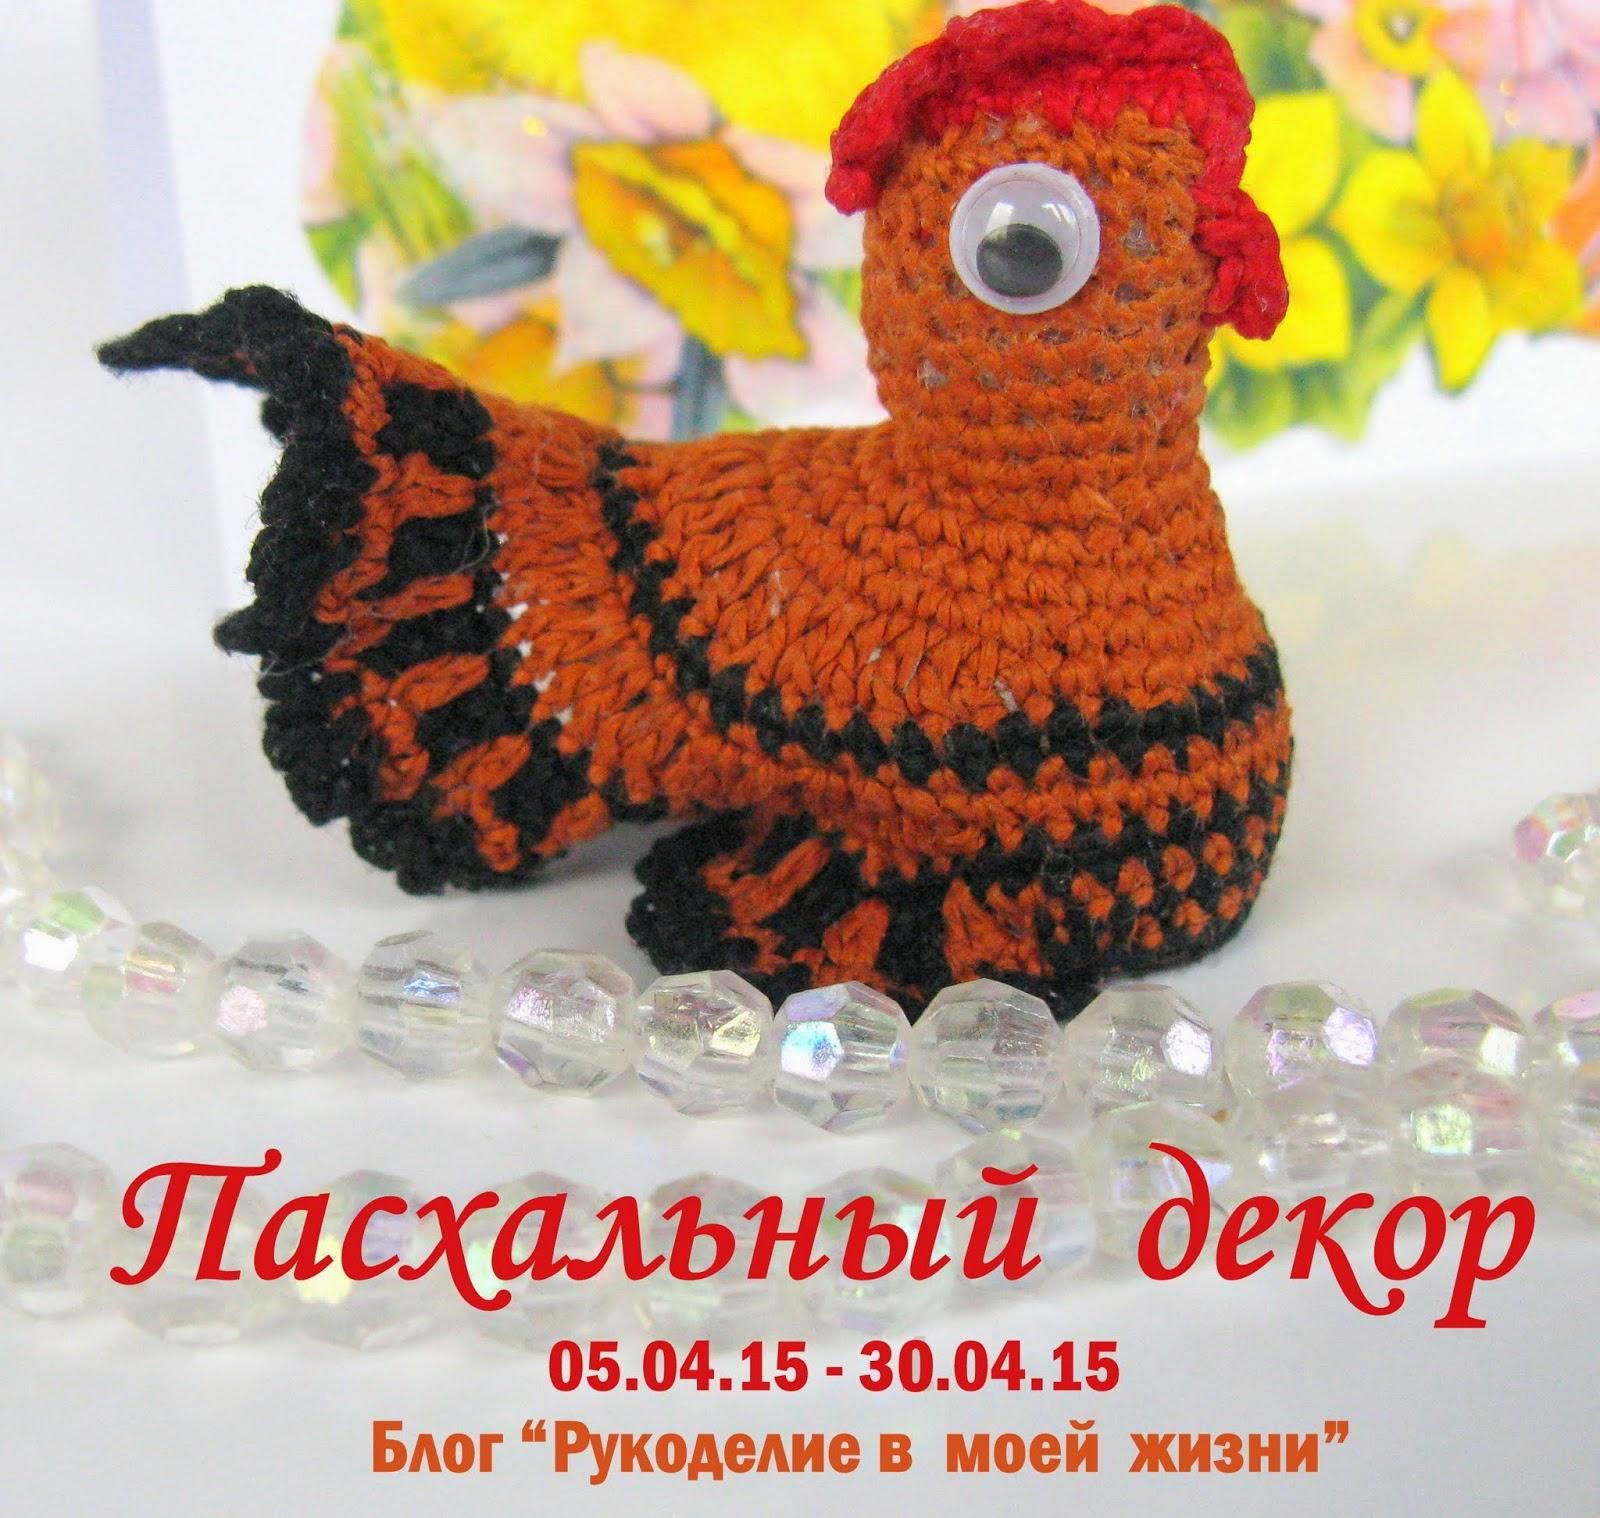 Галерея Пасхальный декор